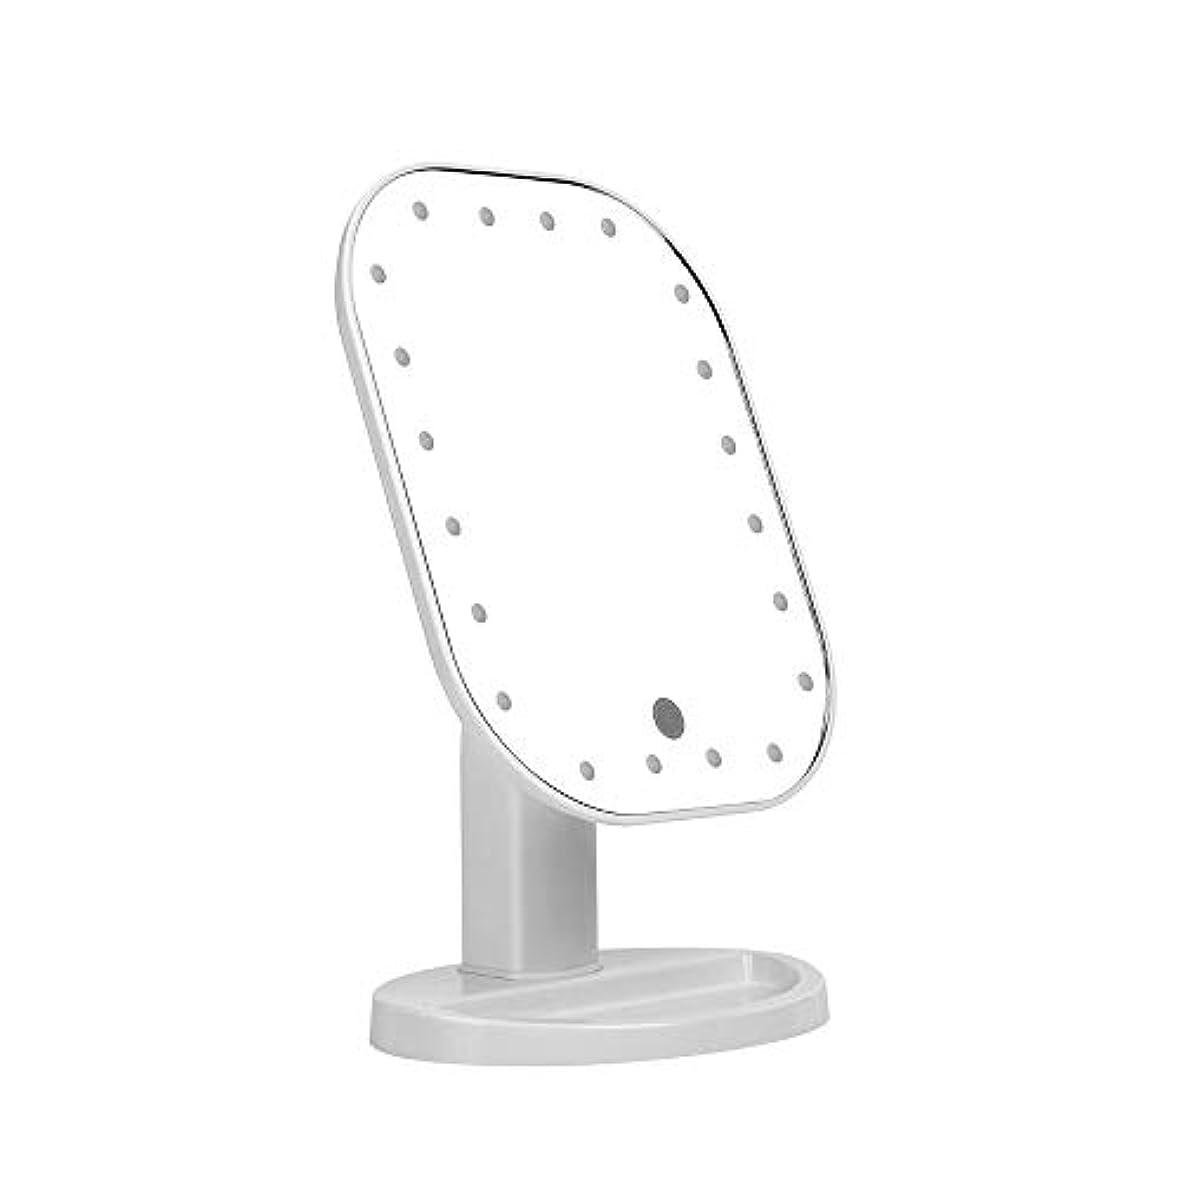 中断驚かす引き出し卓上化粧鏡、C-Timvasion 女優 化粧鏡 20個LEDライト付き タッチパネル 明るさ調節可 角度180度調節可 単三電池給電